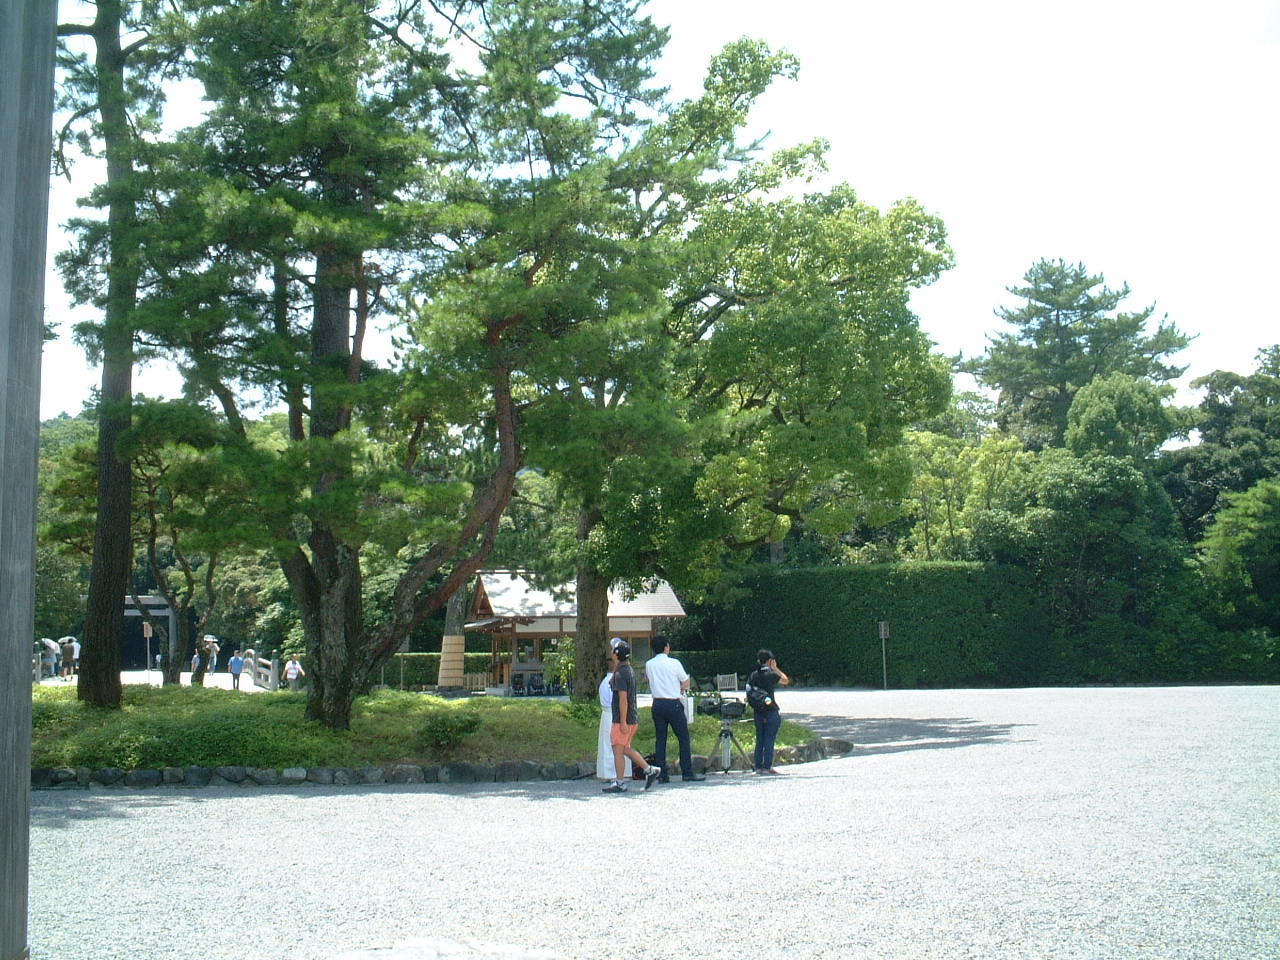 2018年8月6日お伊勢さん観光ガイド